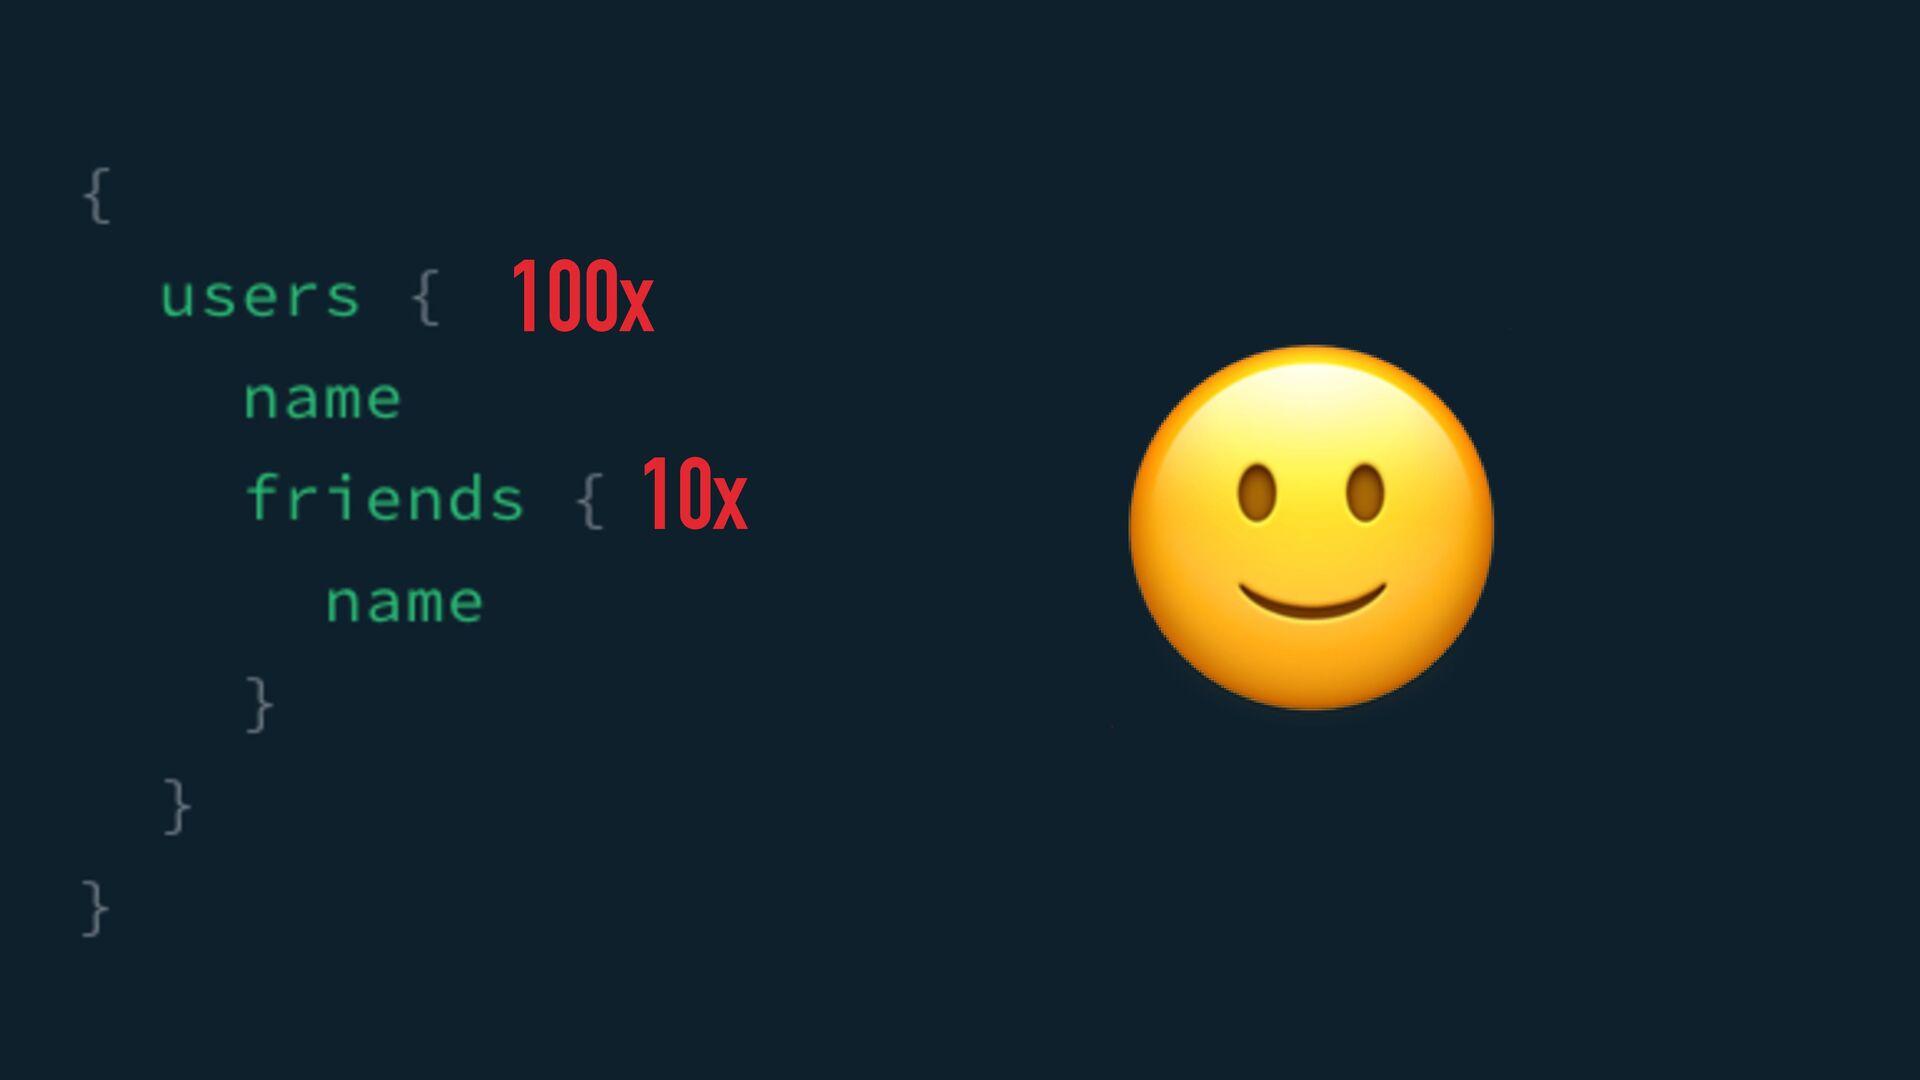 DOSTAJEMY 1000 ELEMENTÓW 100x 10x 🙂